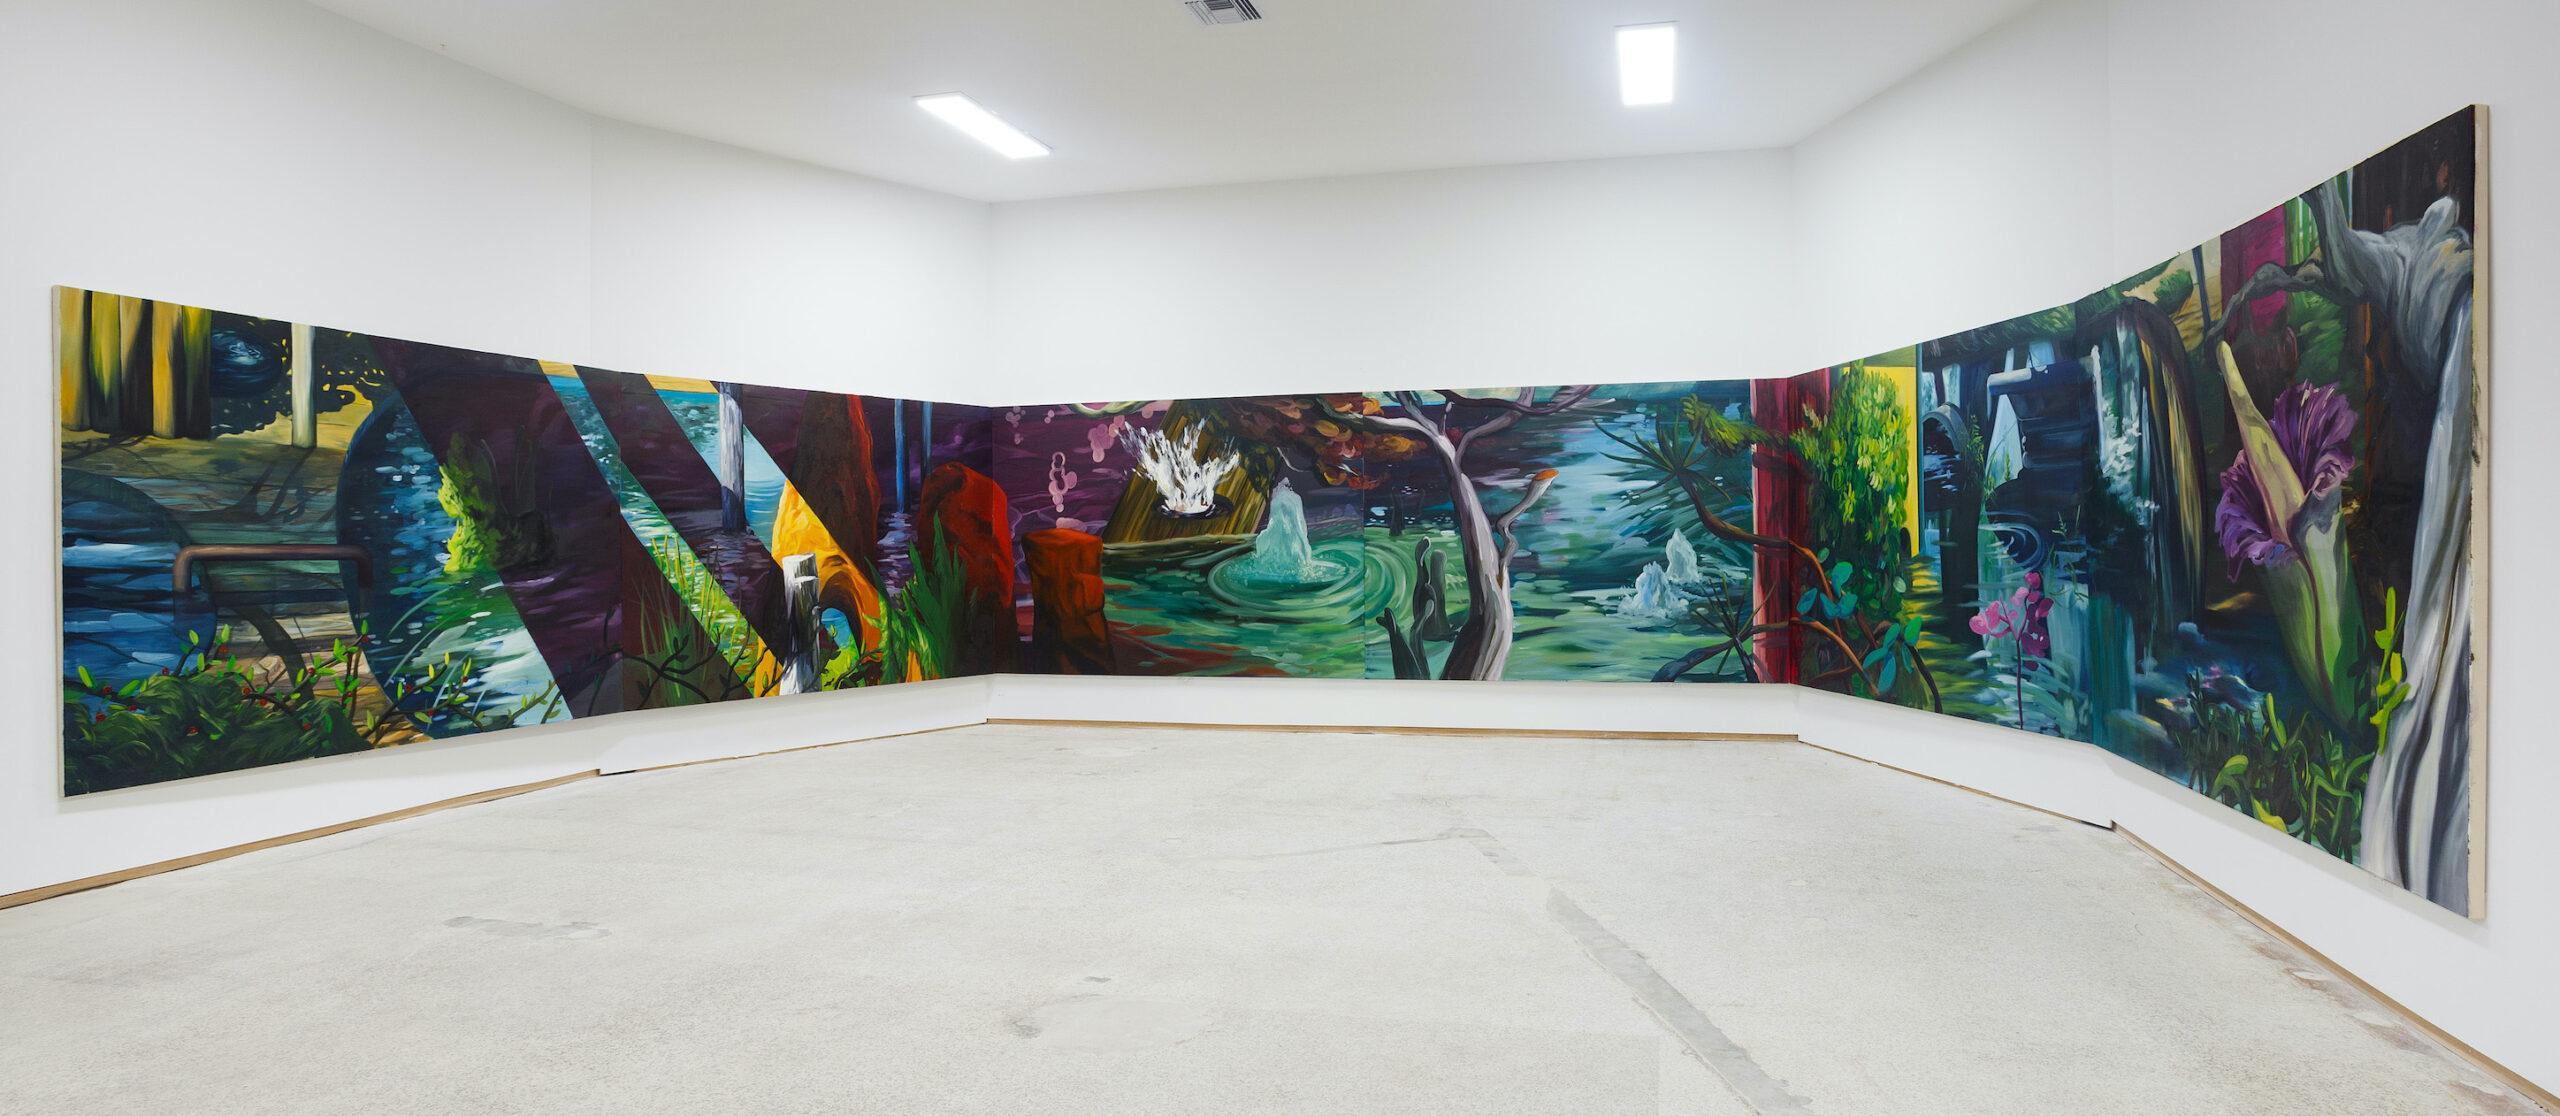 Ernesto Gutiérrez Moya, The Enigma of an Evening in Autumn (installation view), 2021